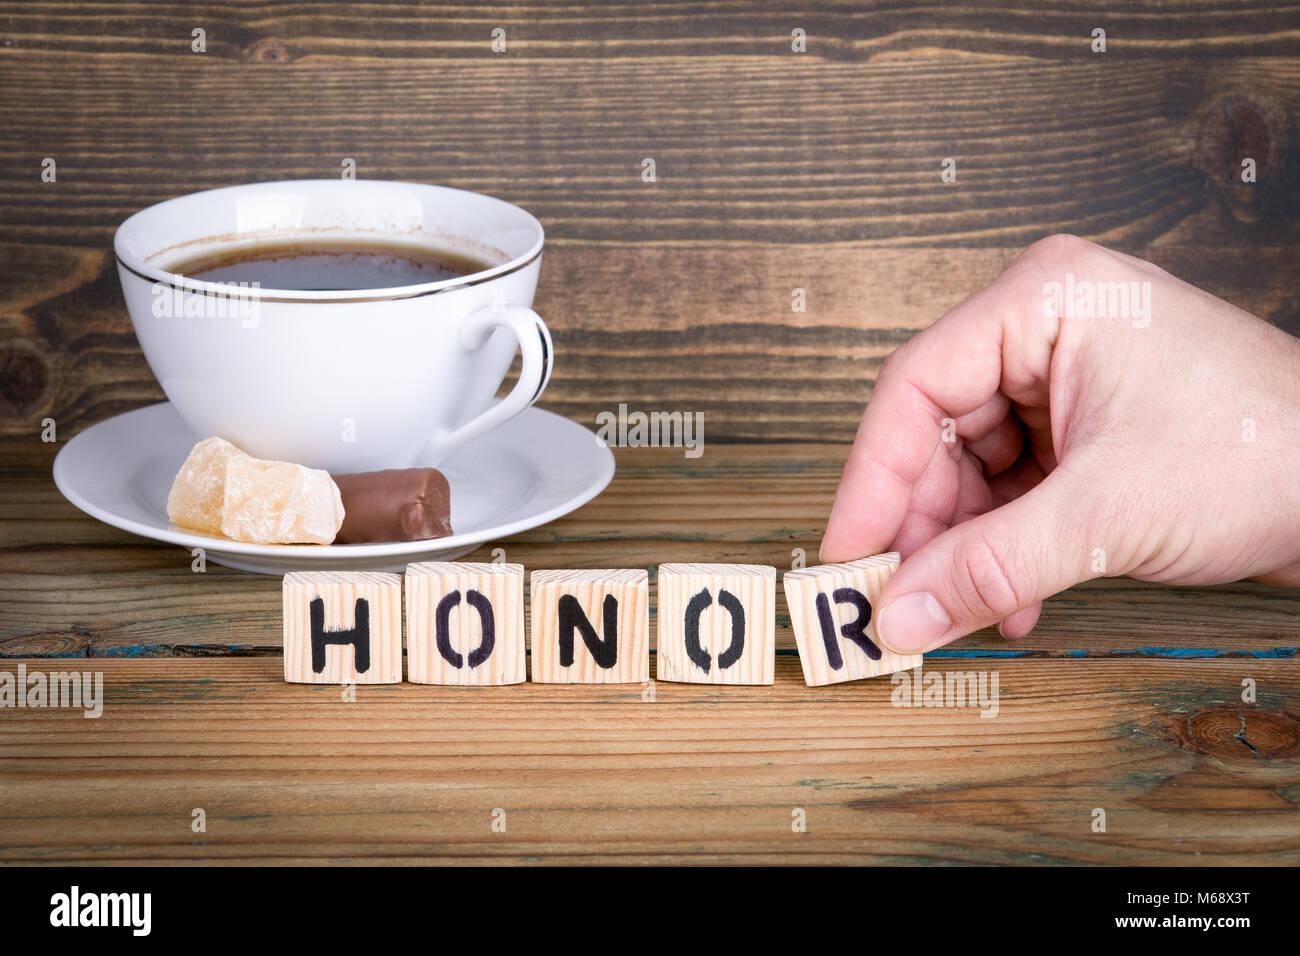 L'onore. Lettere di legno sulla scrivania in ufficio, informativo e sfondo di comunicazione Immagini Stock